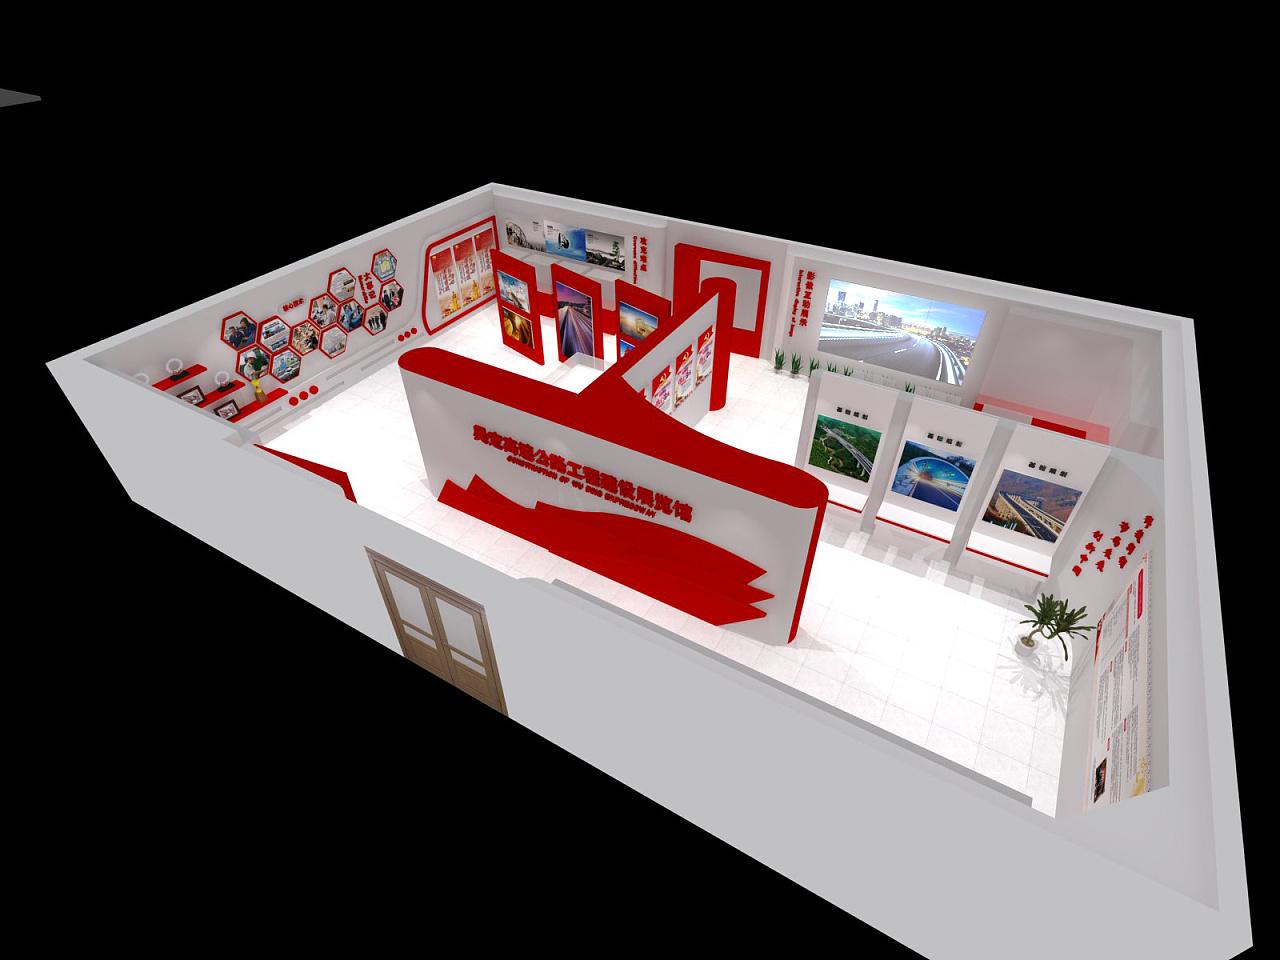 高速公路体验展厅空间设计新建设平面设计工作室图片